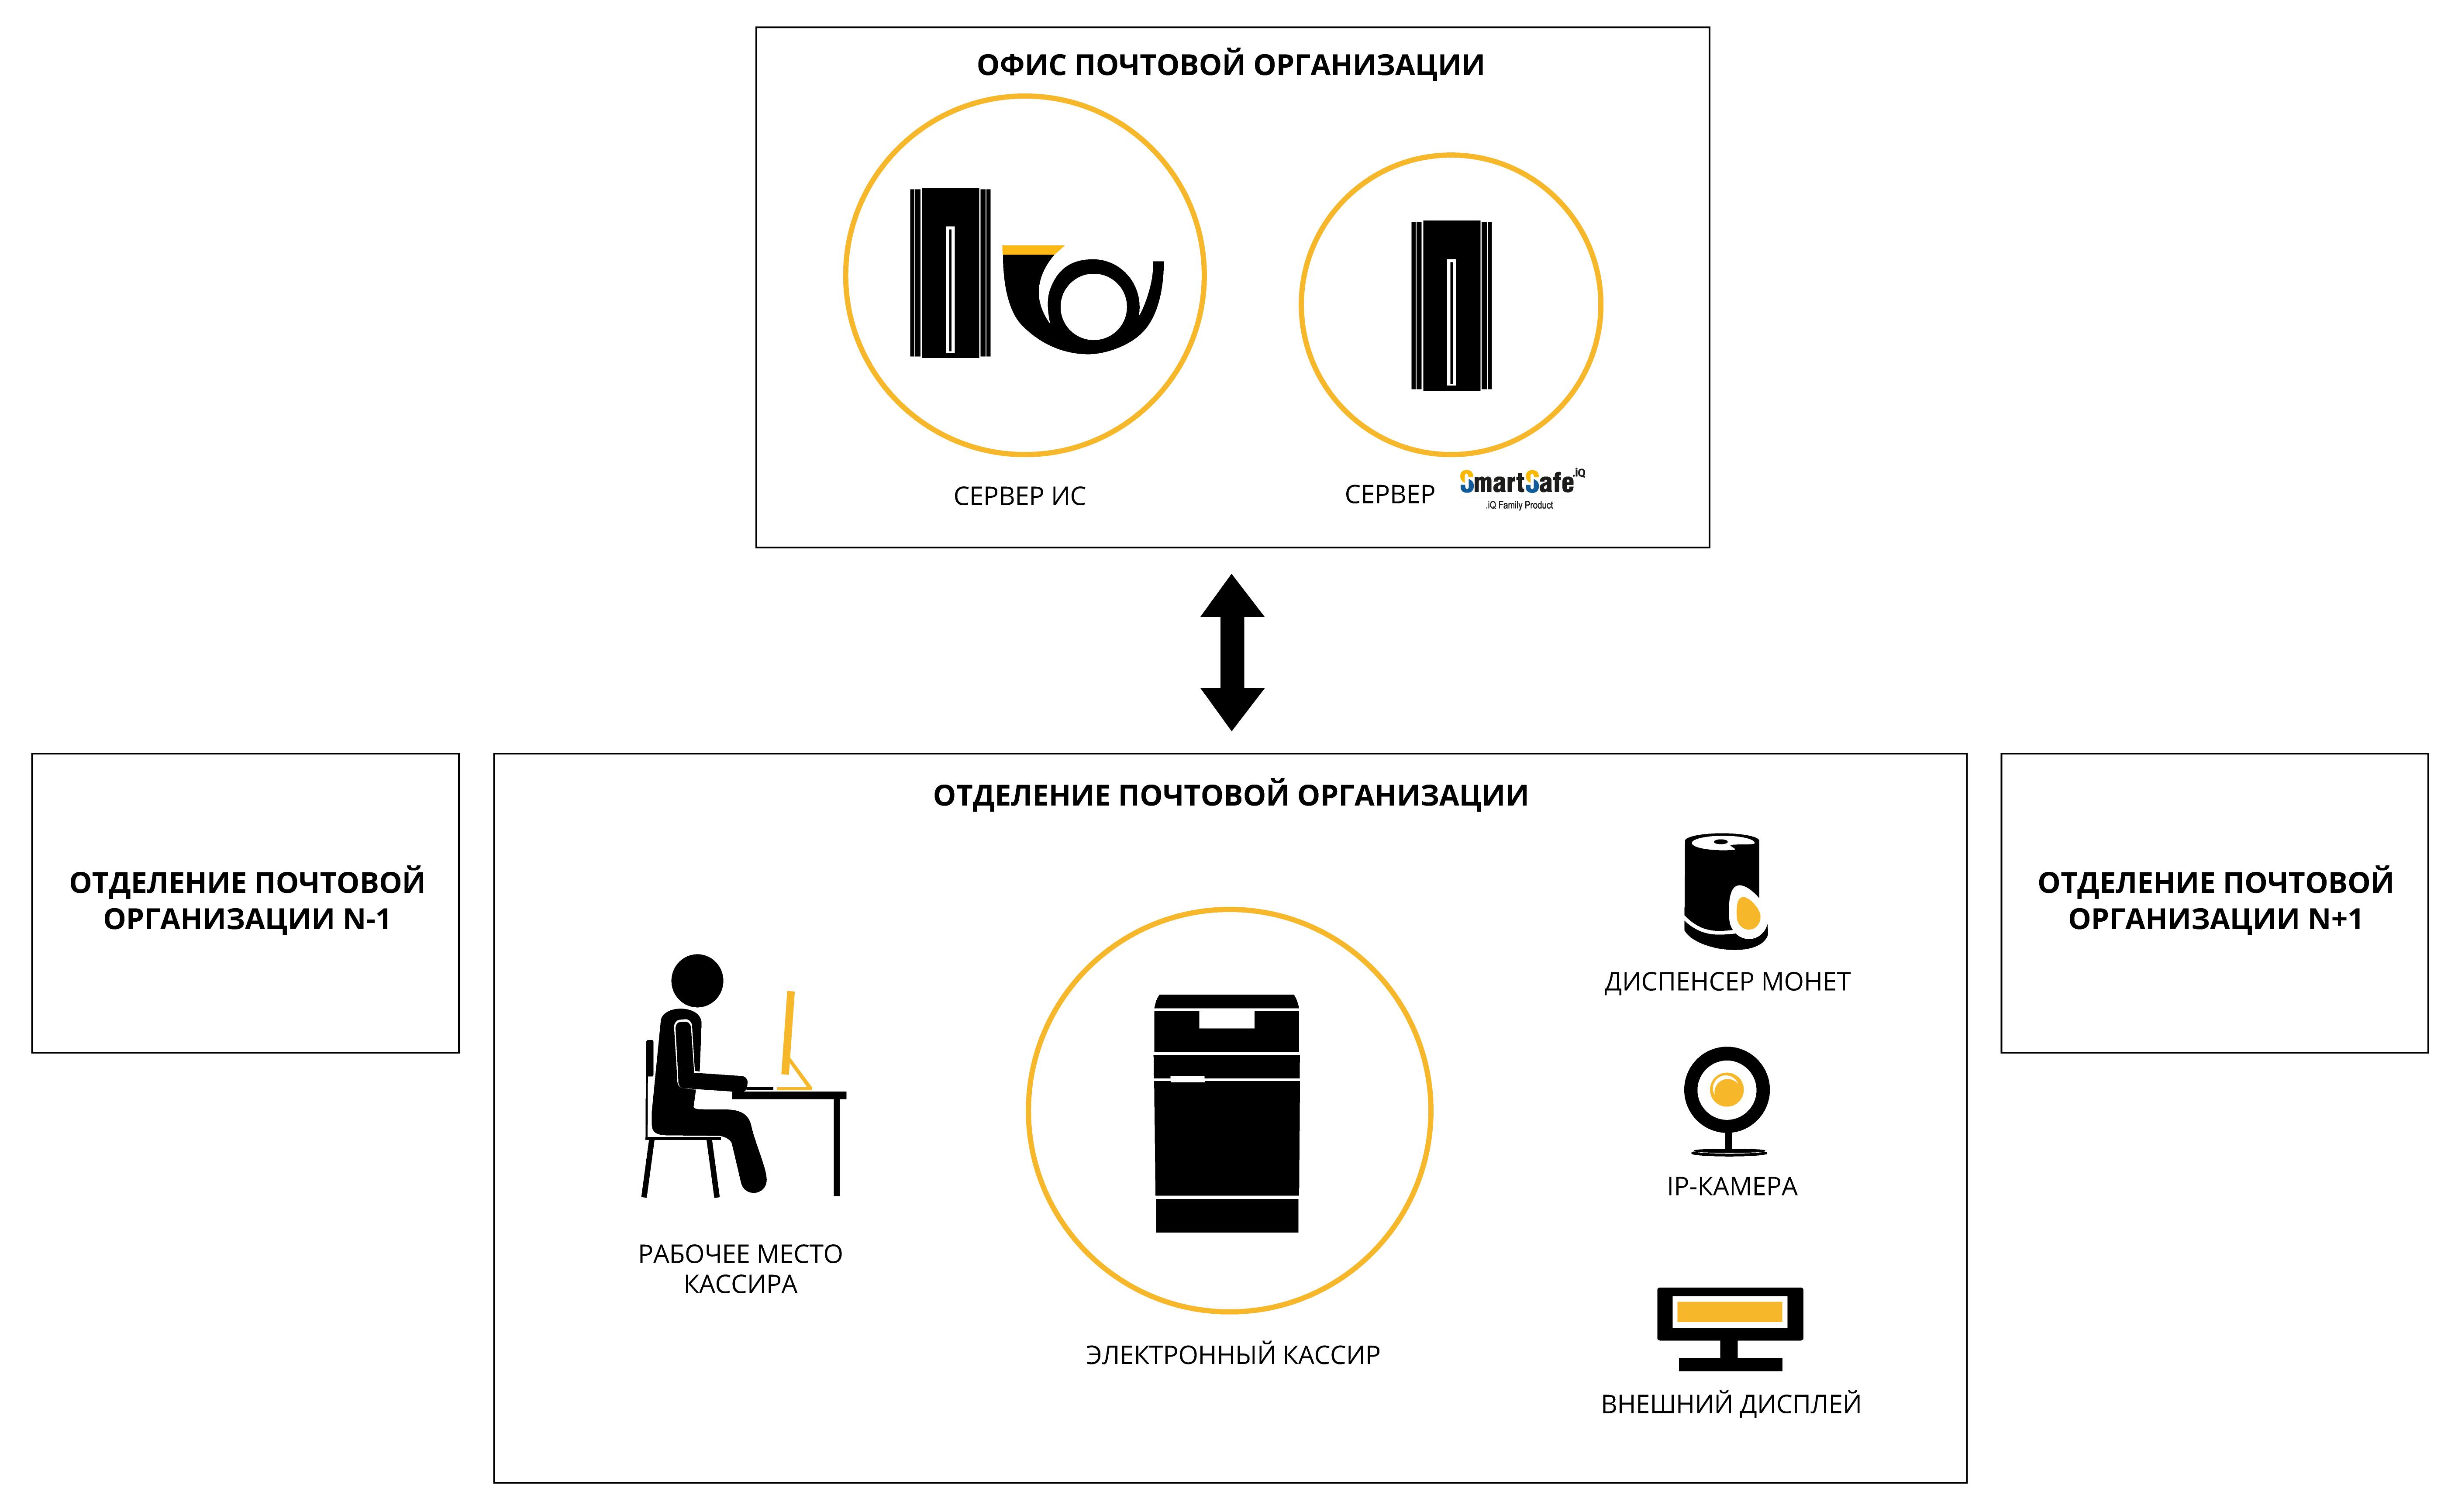 Схема решения электронного кассира для почтовых организаций